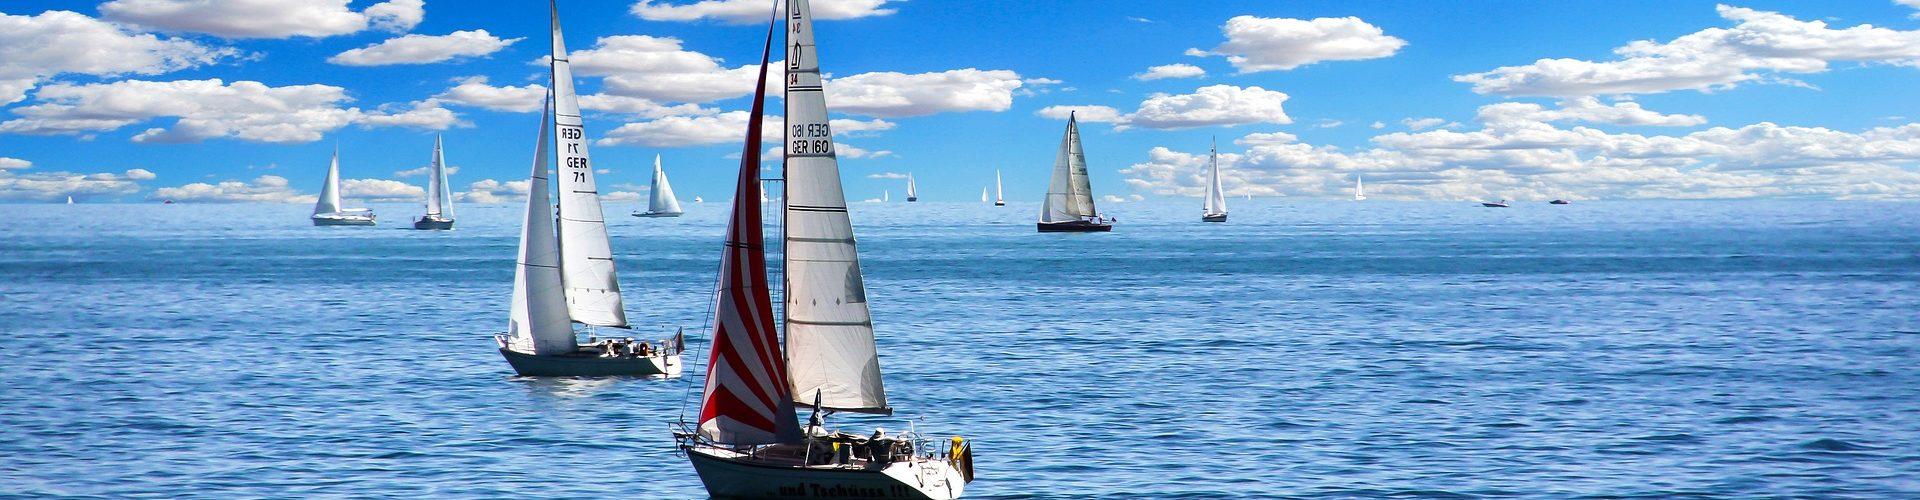 segeln lernen in Sinsheim segelschein machen in Sinsheim 1920x500 - Segeln lernen in Sinsheim